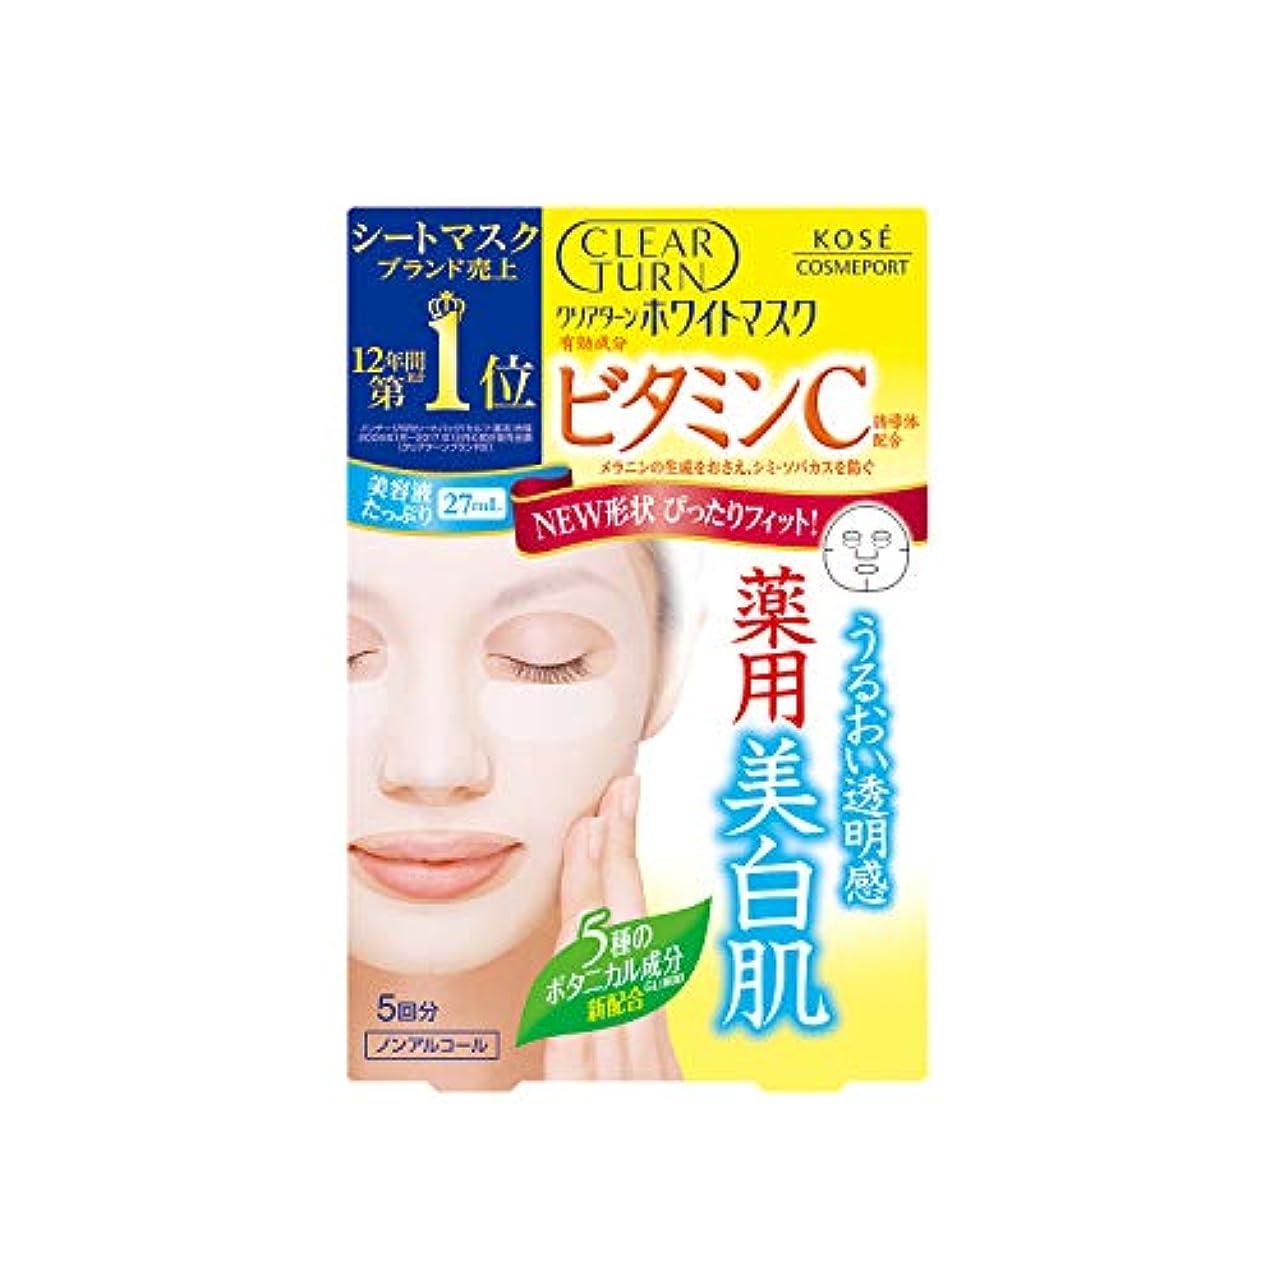 興奮する約未払いKOSE クリアターン ホワイト マスク VC c (ビタミンC) 5回分 (22mL×5)